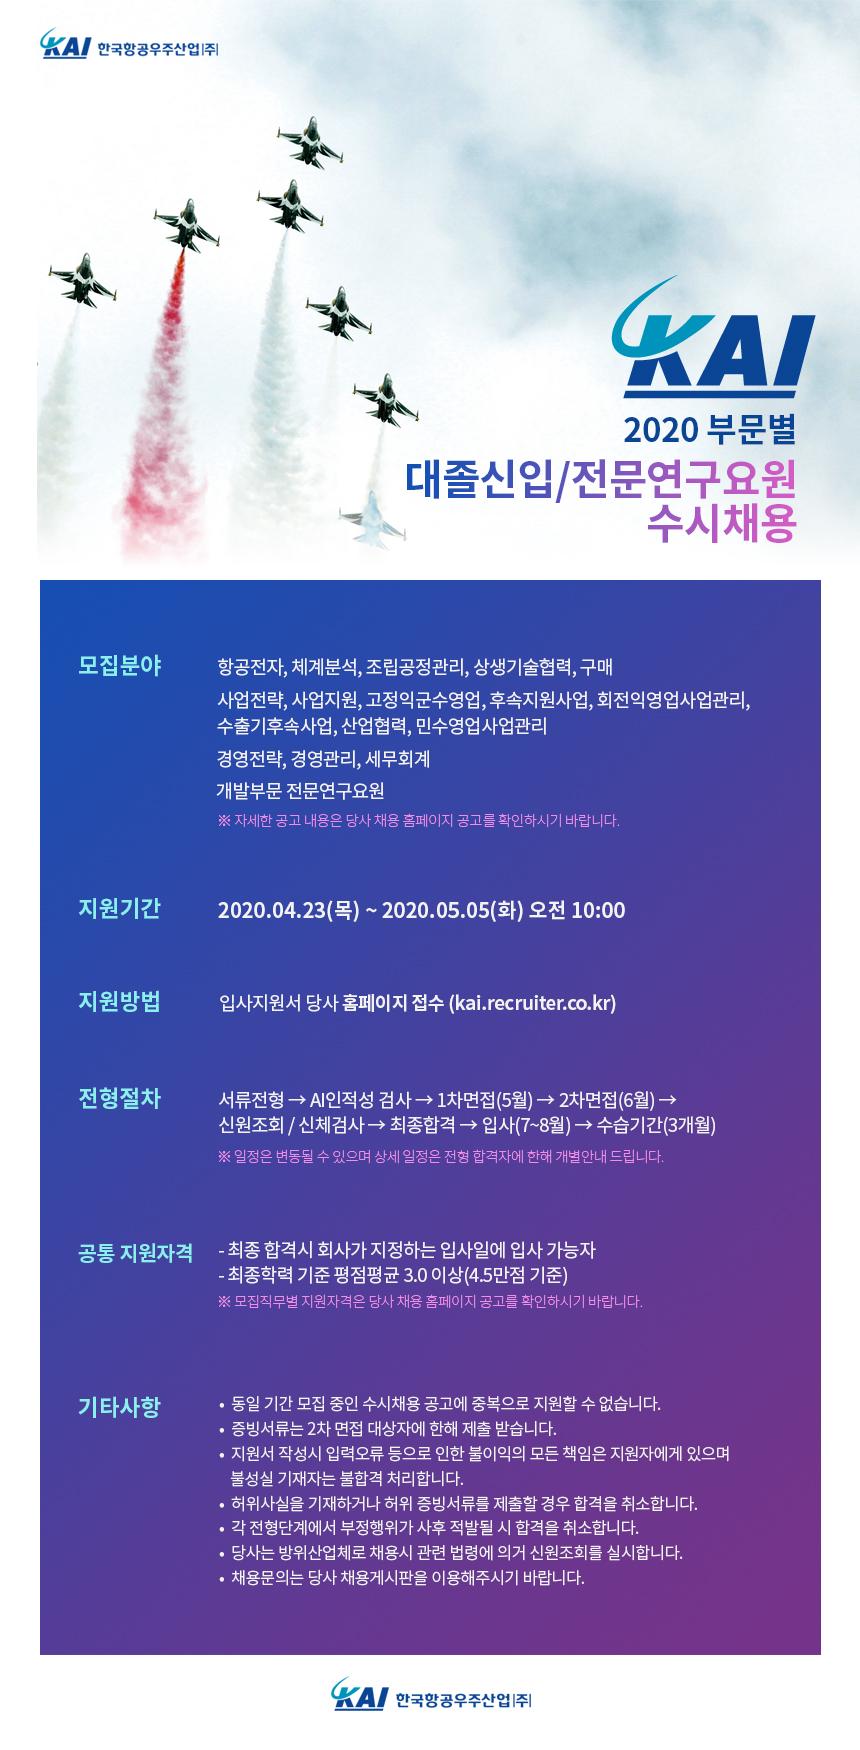 (한국항공우주산업)_2020상반기_신입 수시채용_공고.jpg